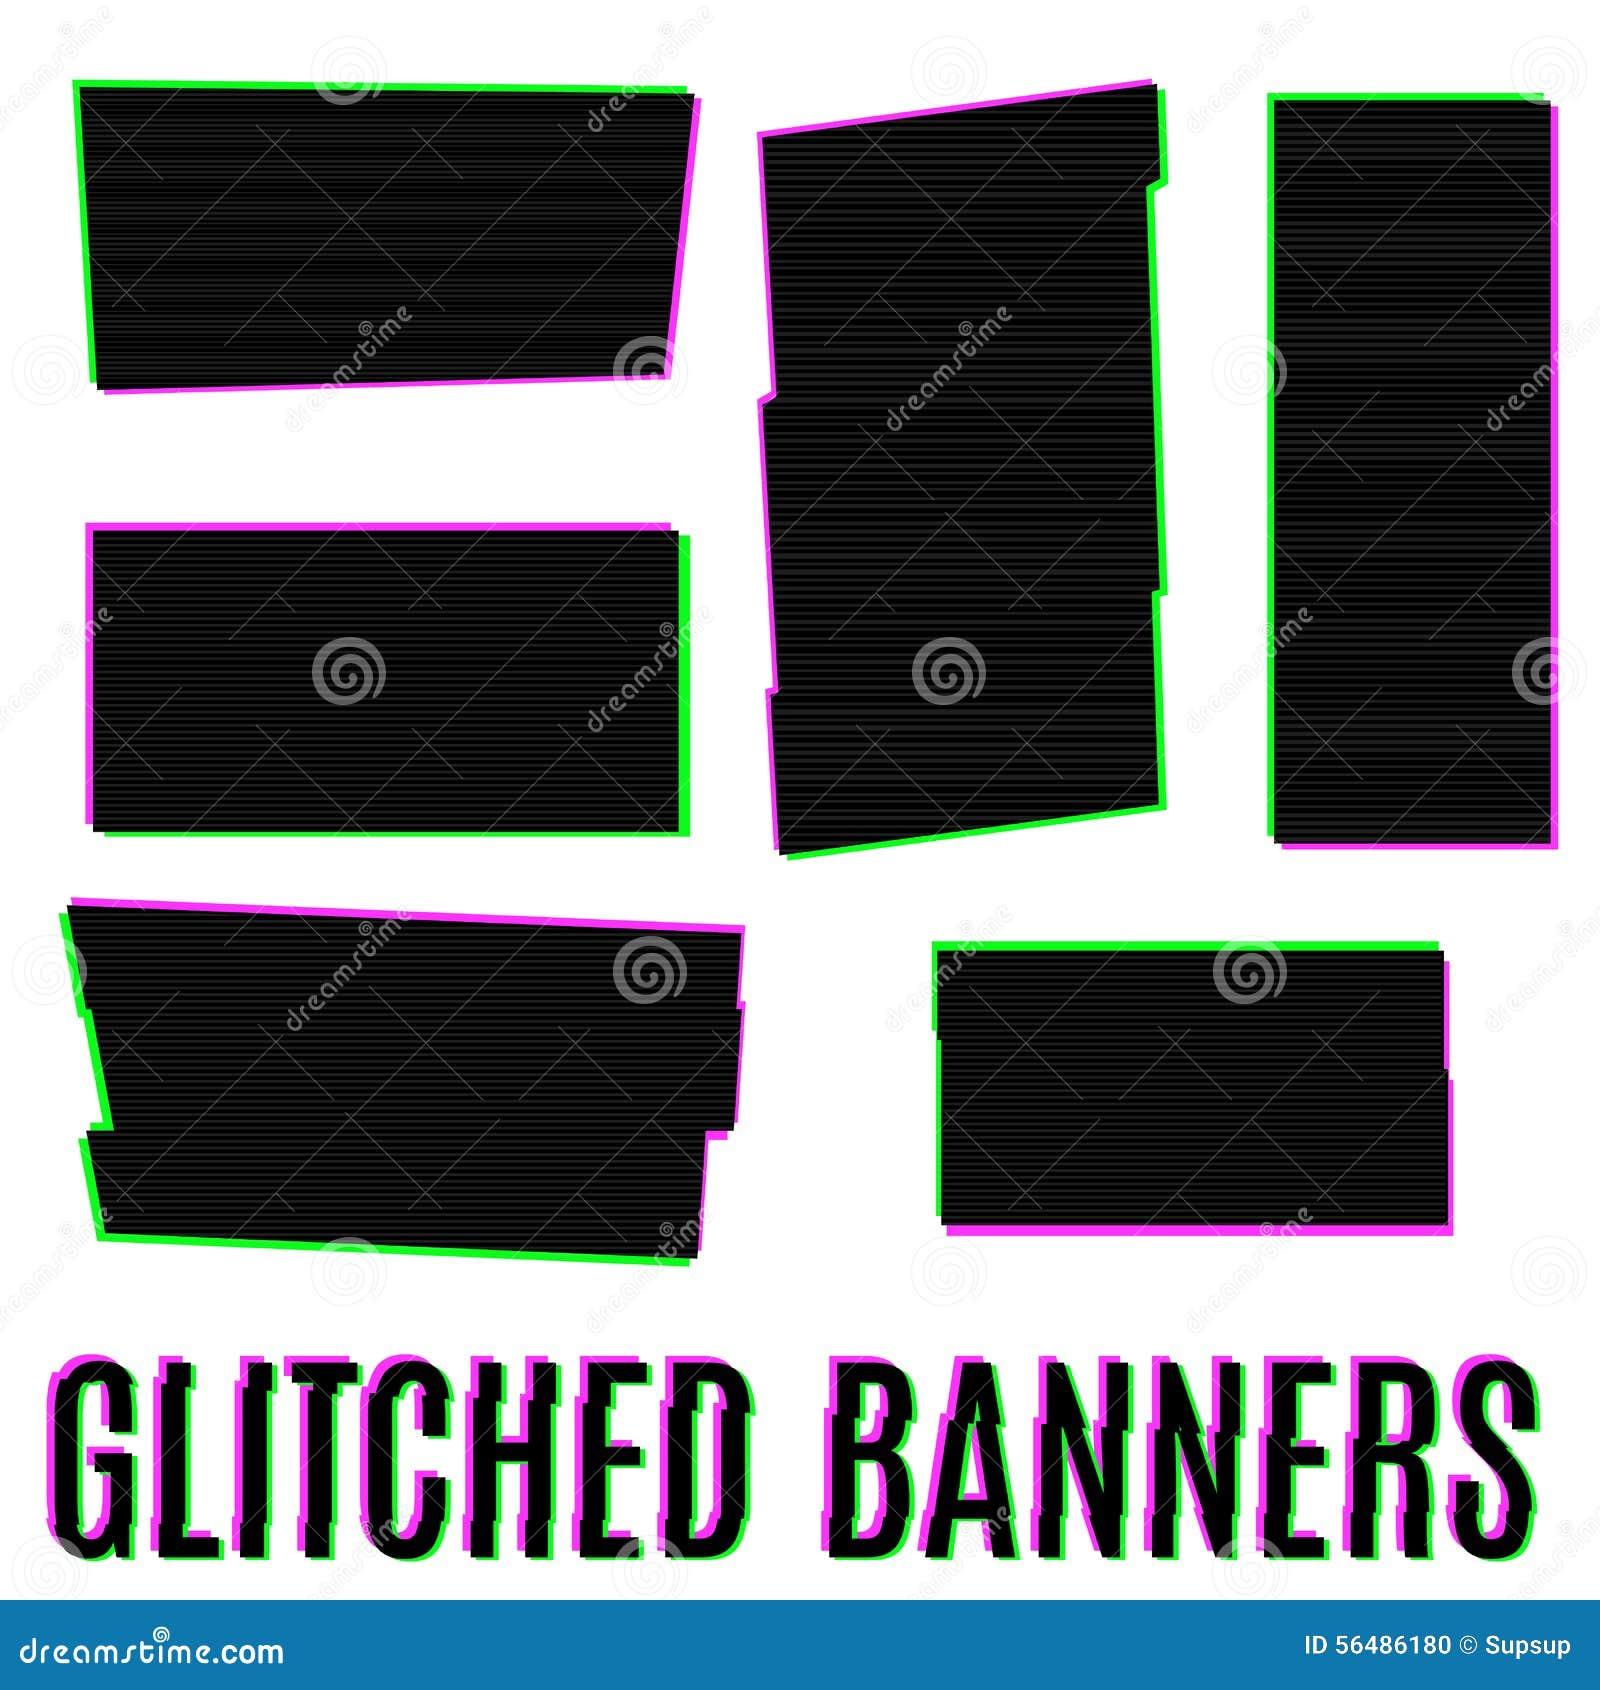 Bannières de Glitched